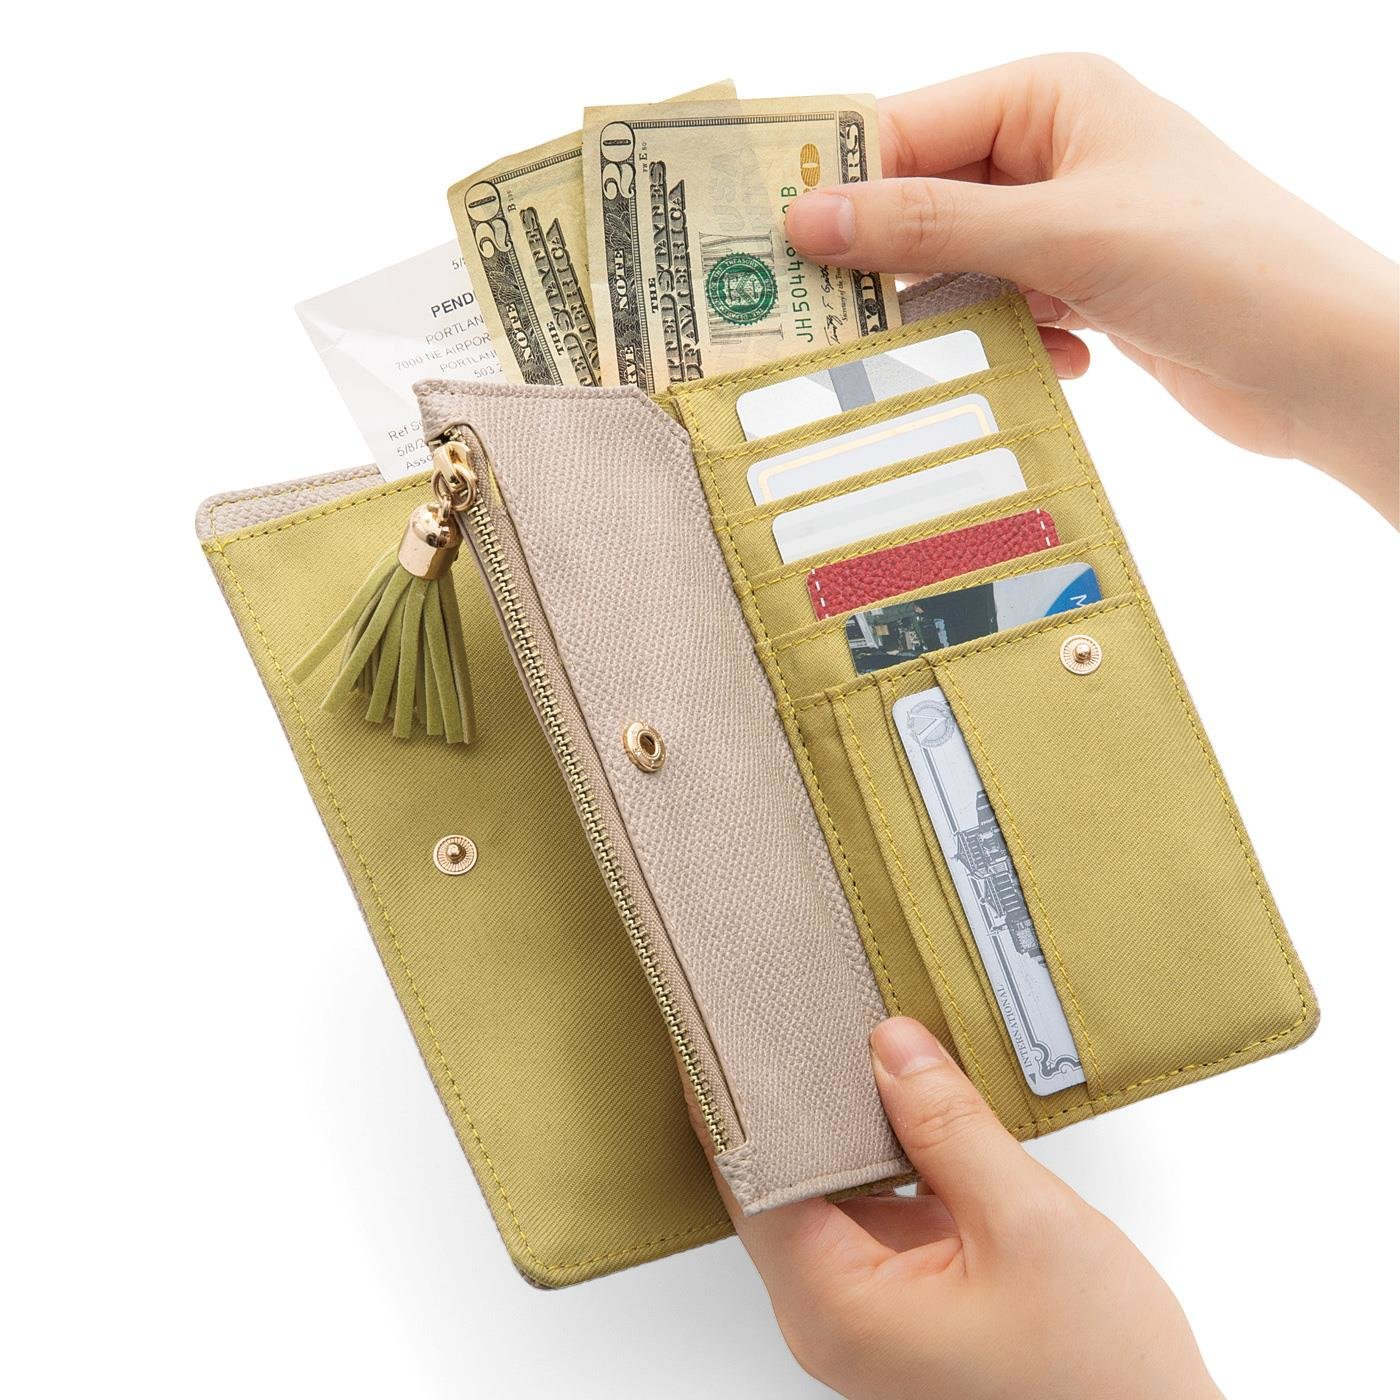 UP.de 縦入れだからコンパクトにすっきり収まる 手になじむやわらかシステム長財布の会